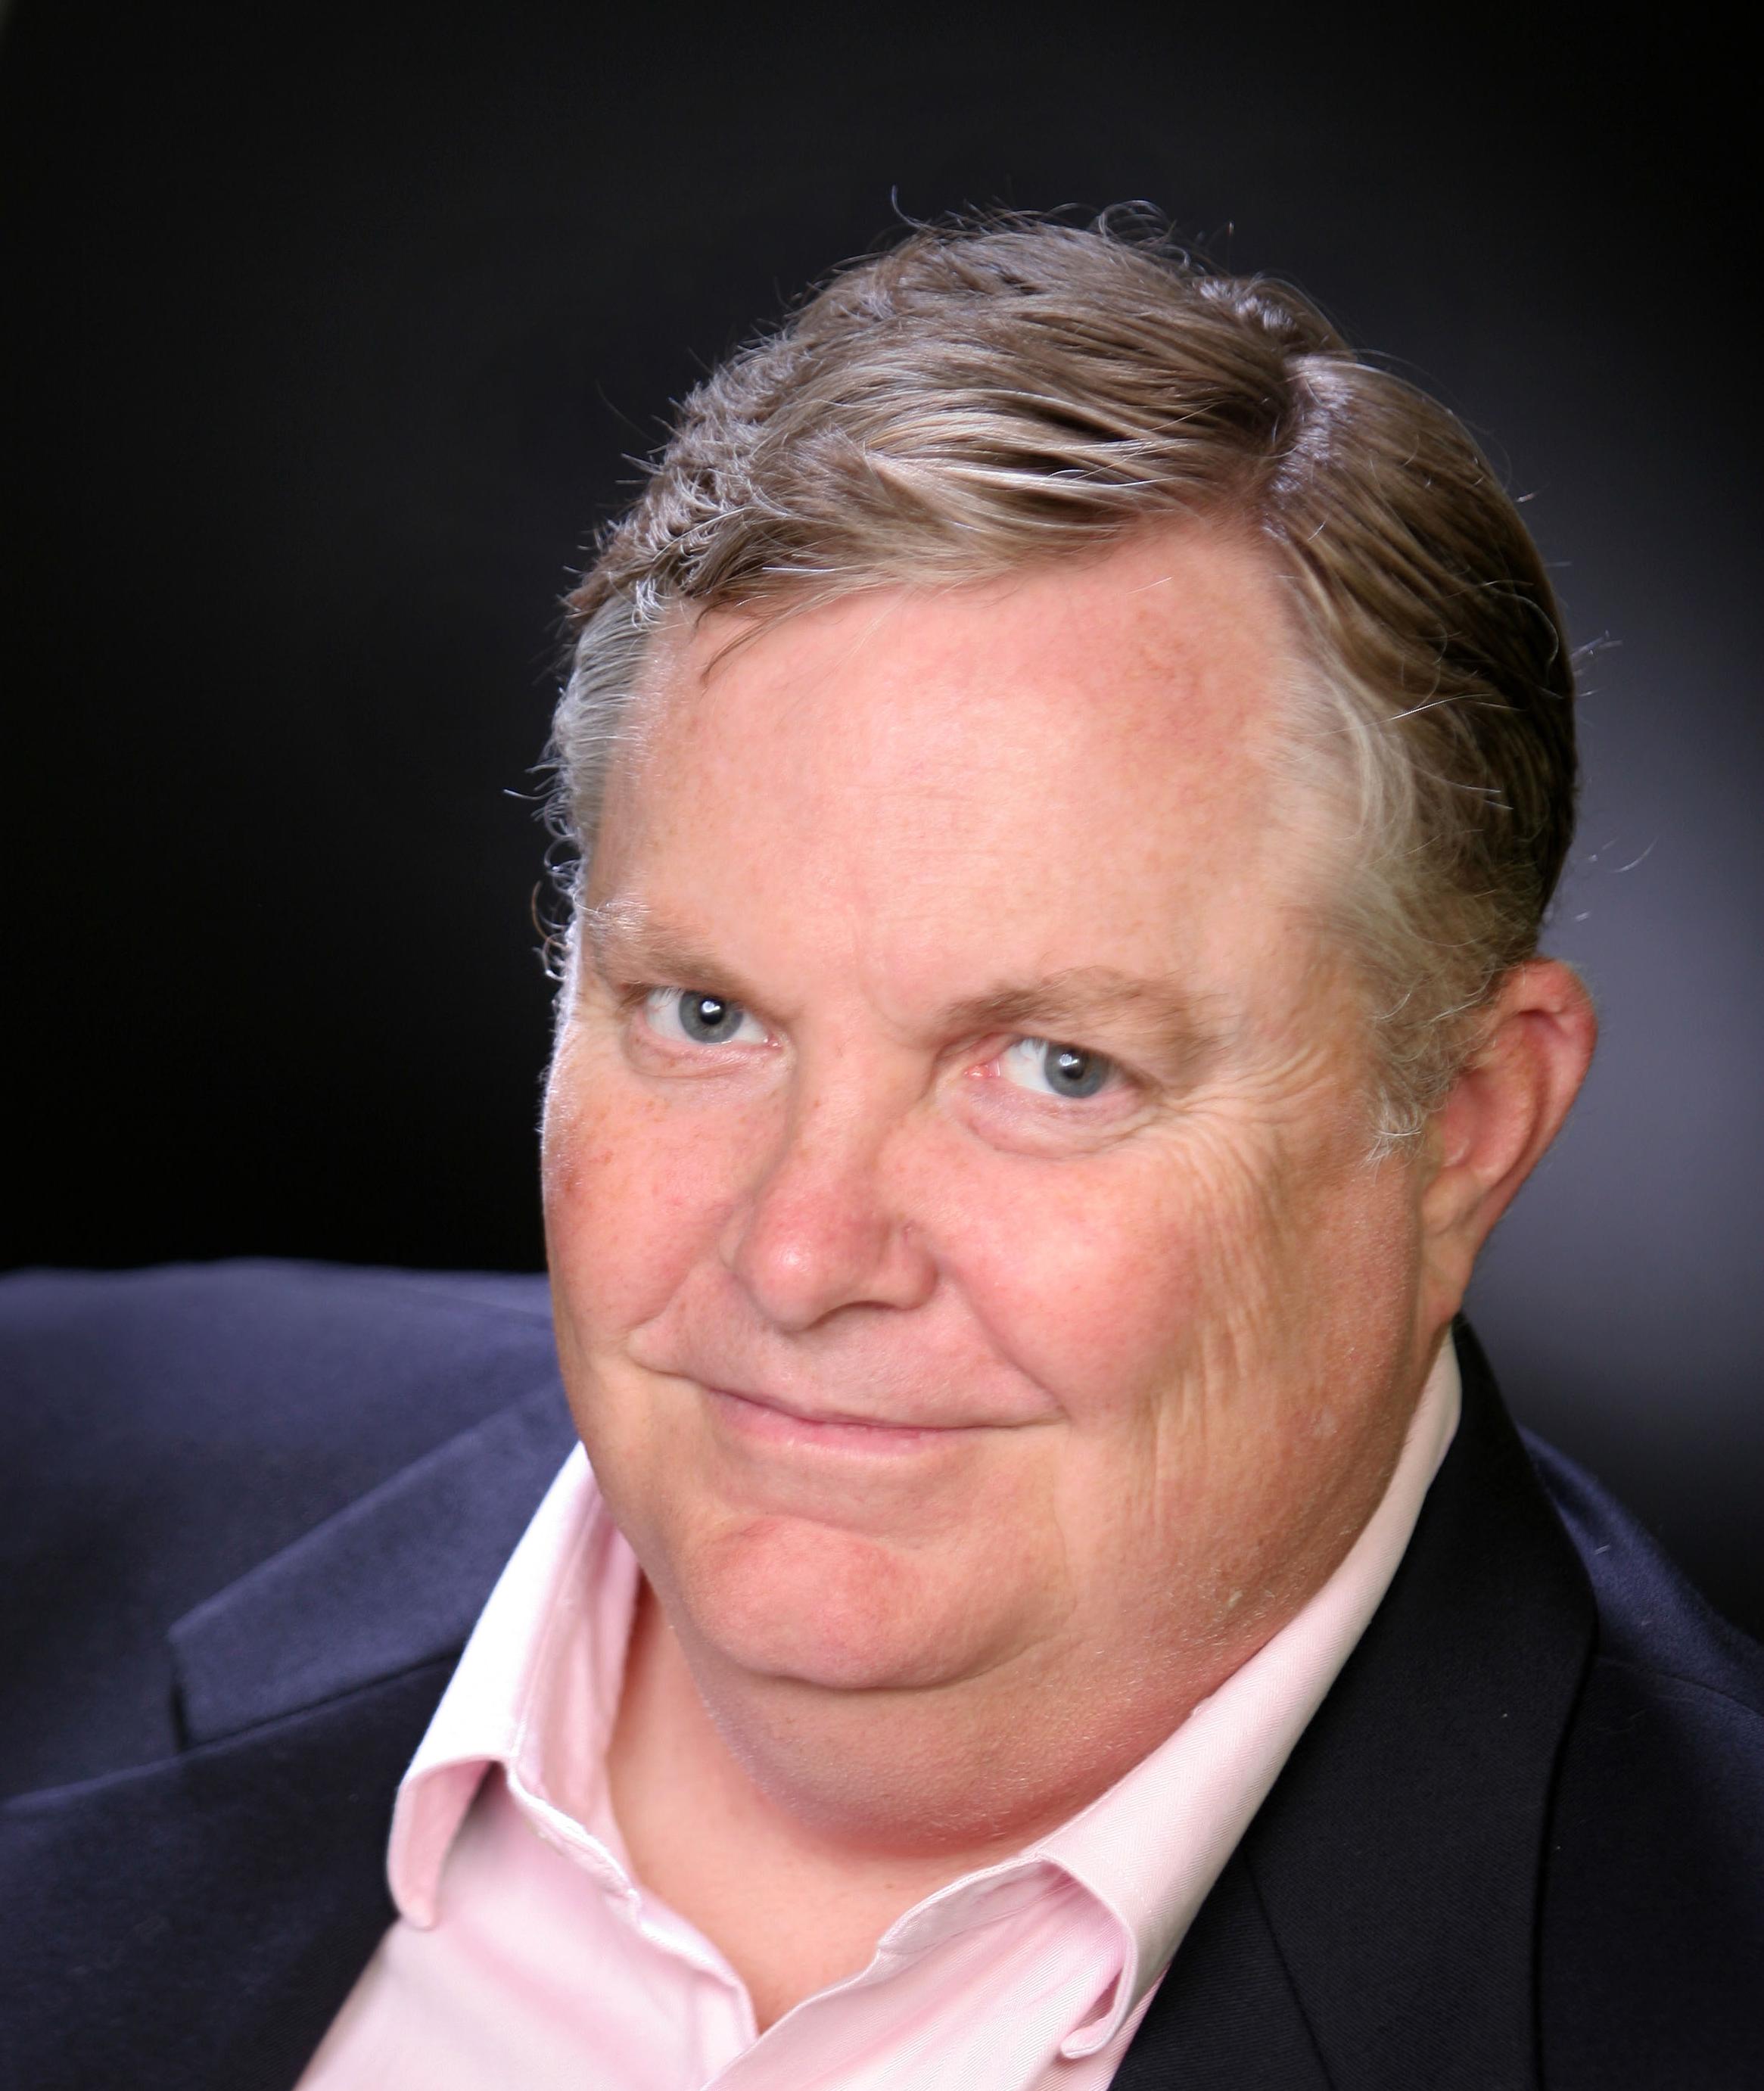 Michael North